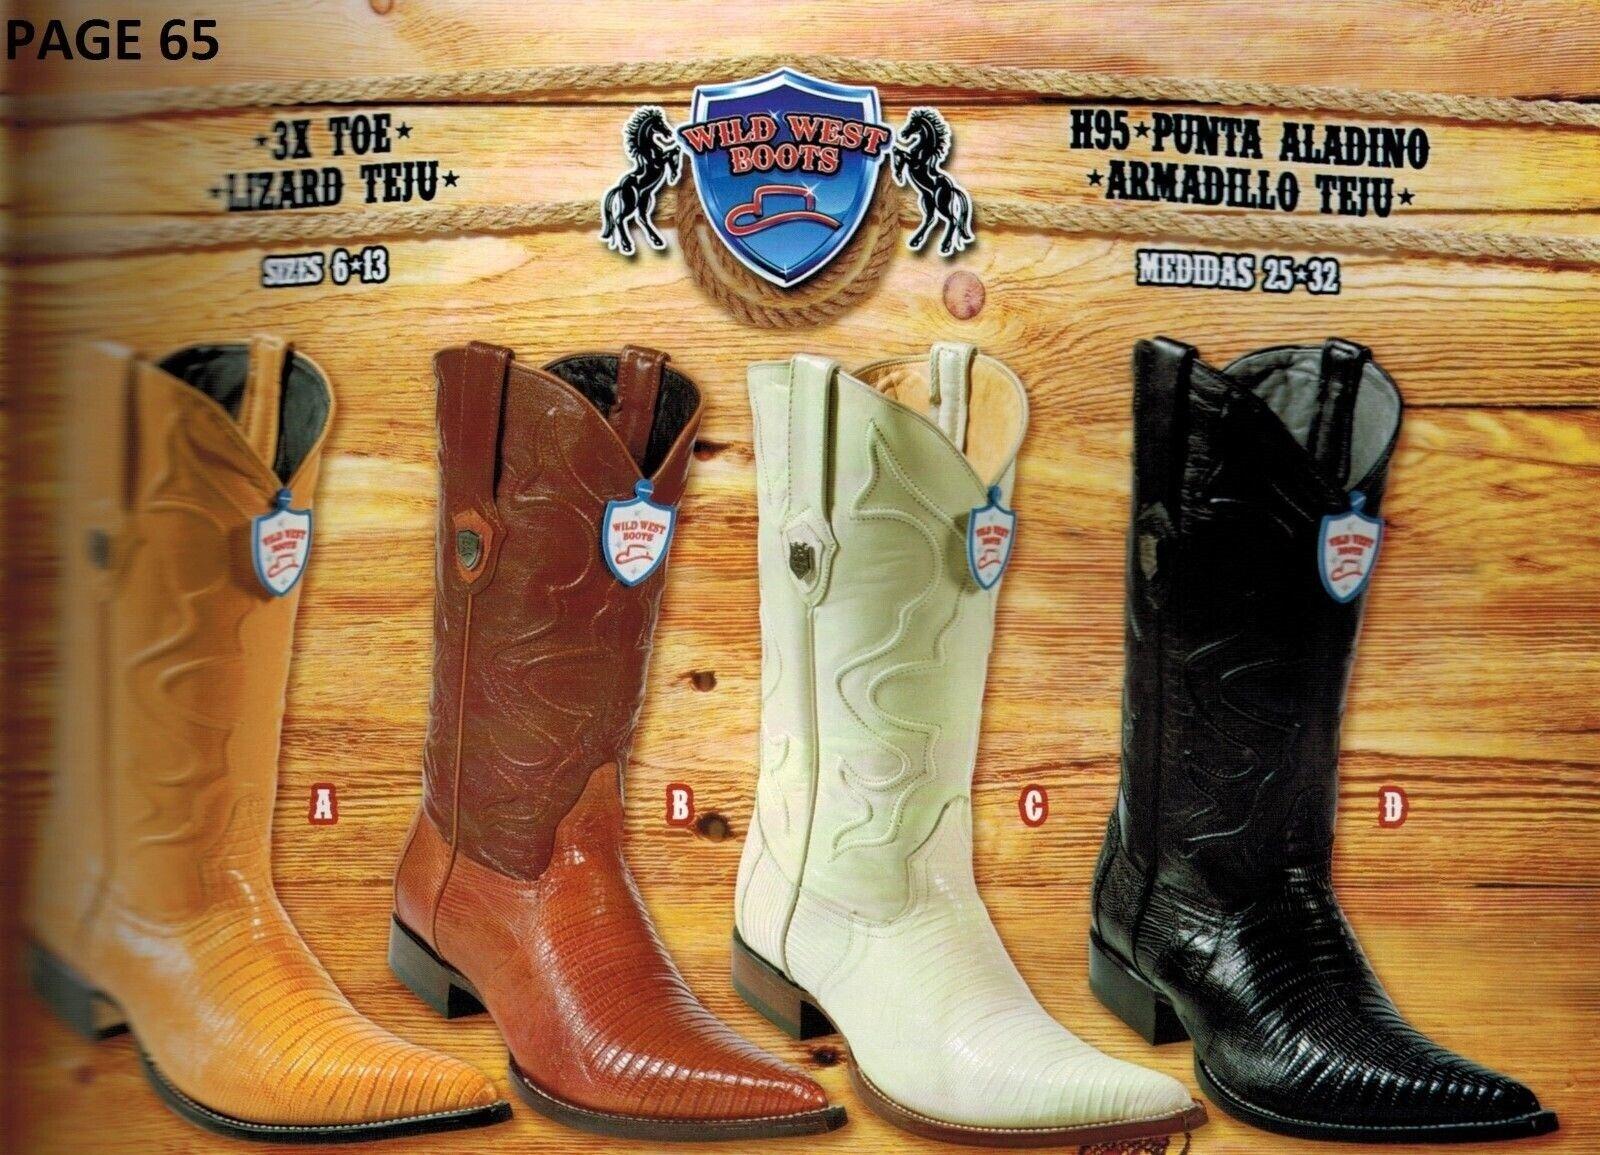 Wild West Men's Lizard Teju XXX-Toe Cowboy Western Boots Different colors